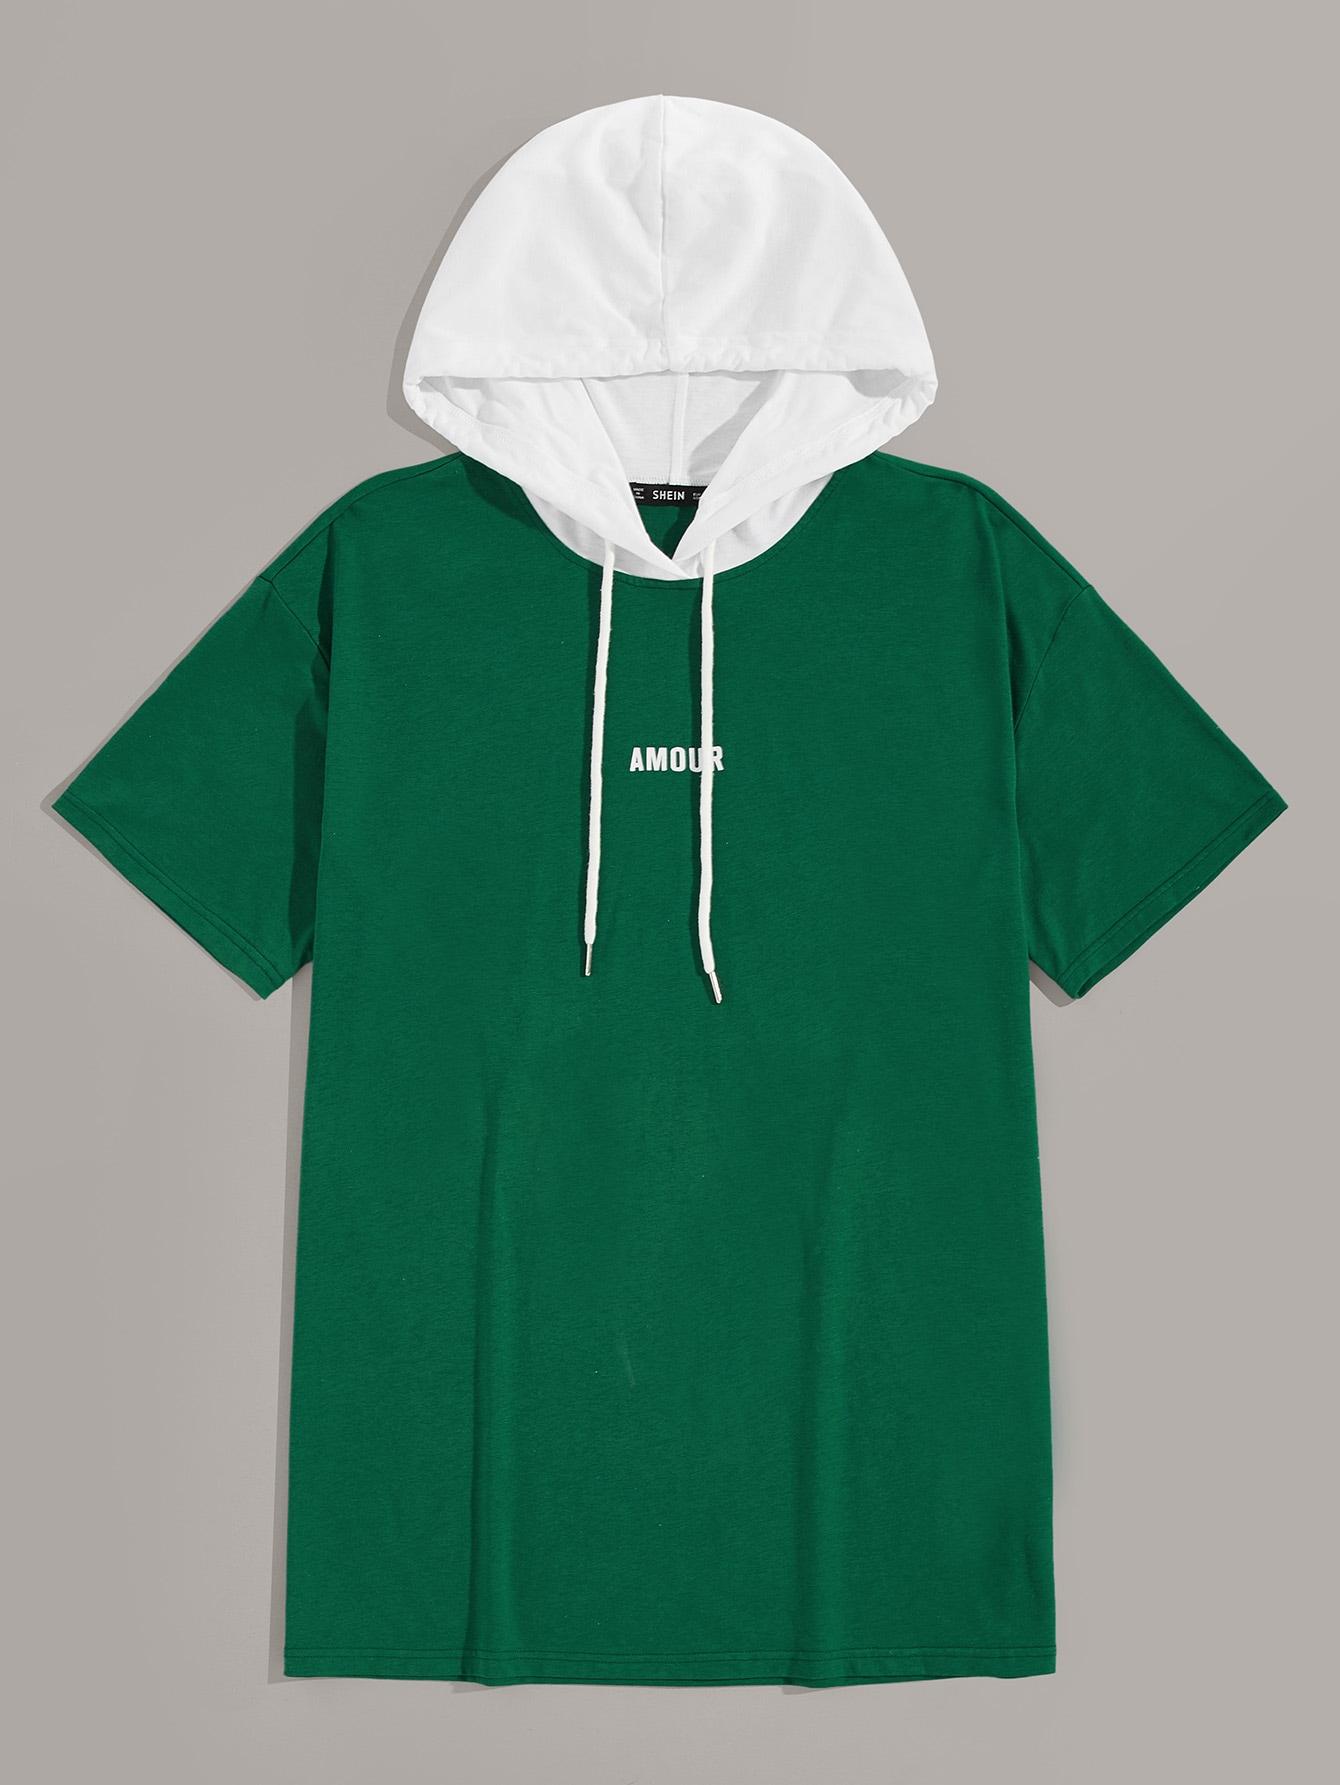 Фото - Мужская футболка с капюшоном и текстовым принтом от SheIn цвет зелёный